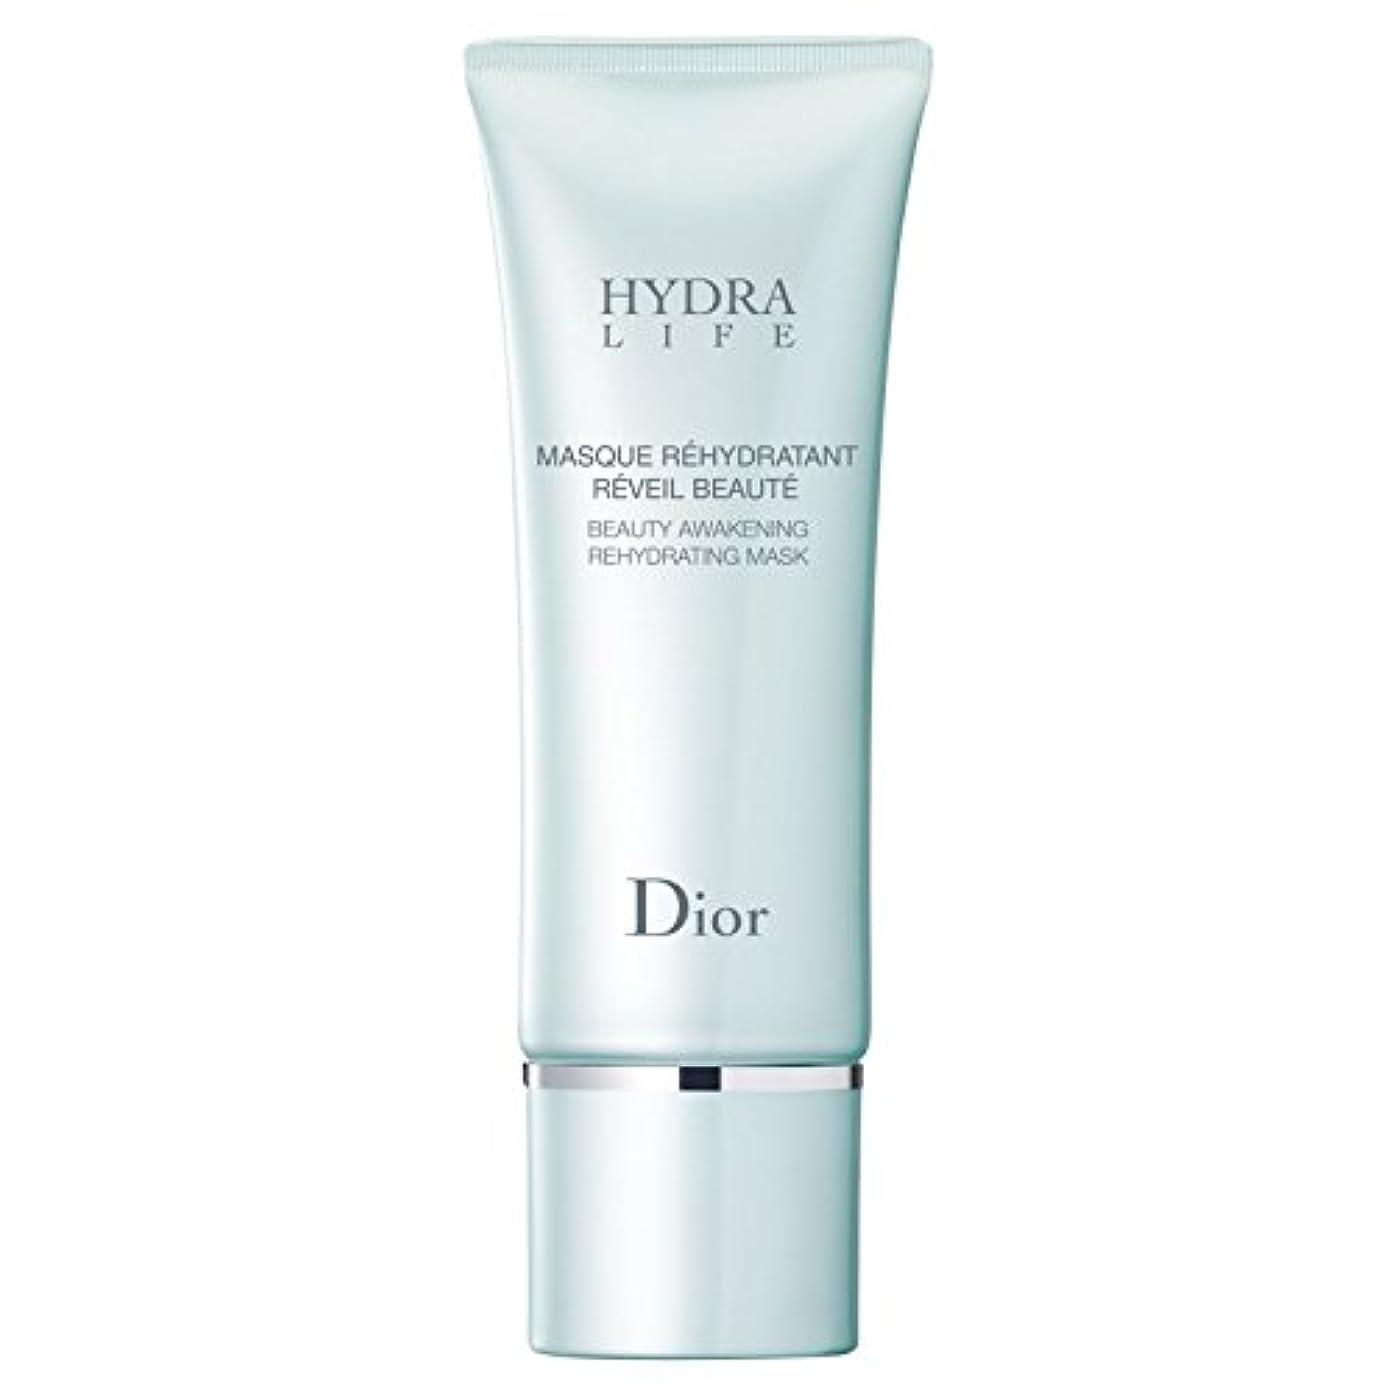 トラフ手紙を書く脆い[Dior] マスク75ミリリットルを再水和ディオールヒドラ人生の美しさの目覚め - Dior Hydra Life Beauty Awakening Rehydrating Mask 75ml [並行輸入品]